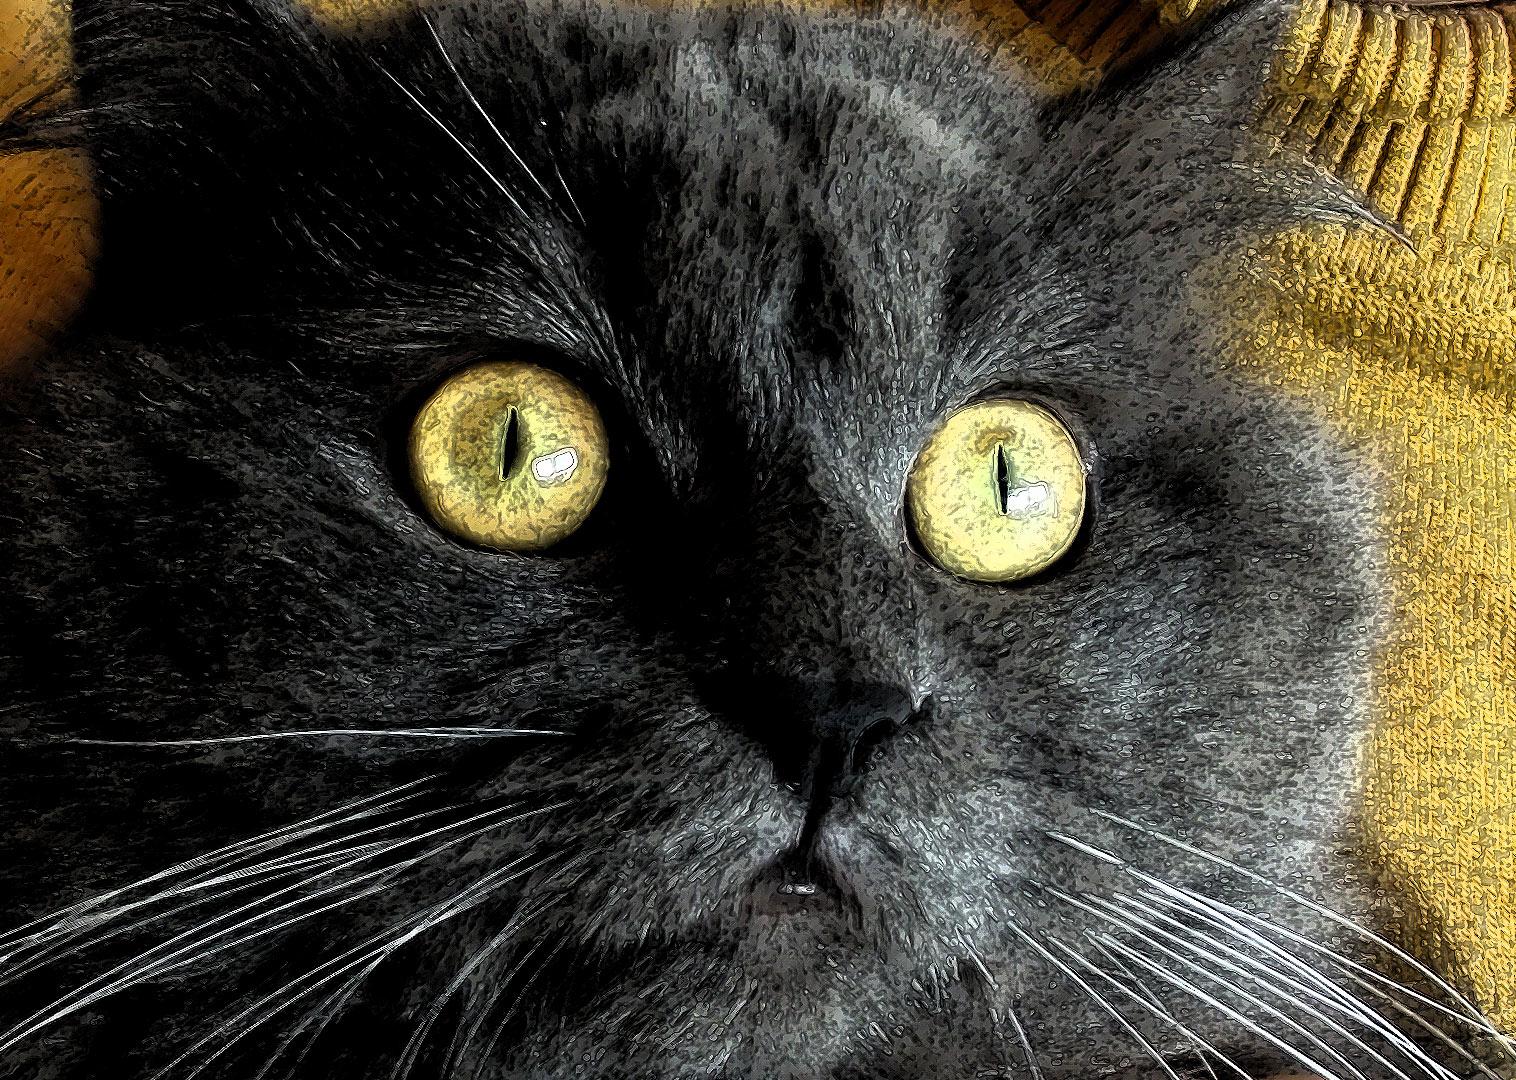 Ilustración gratis - Gato persa de ojos amarillos